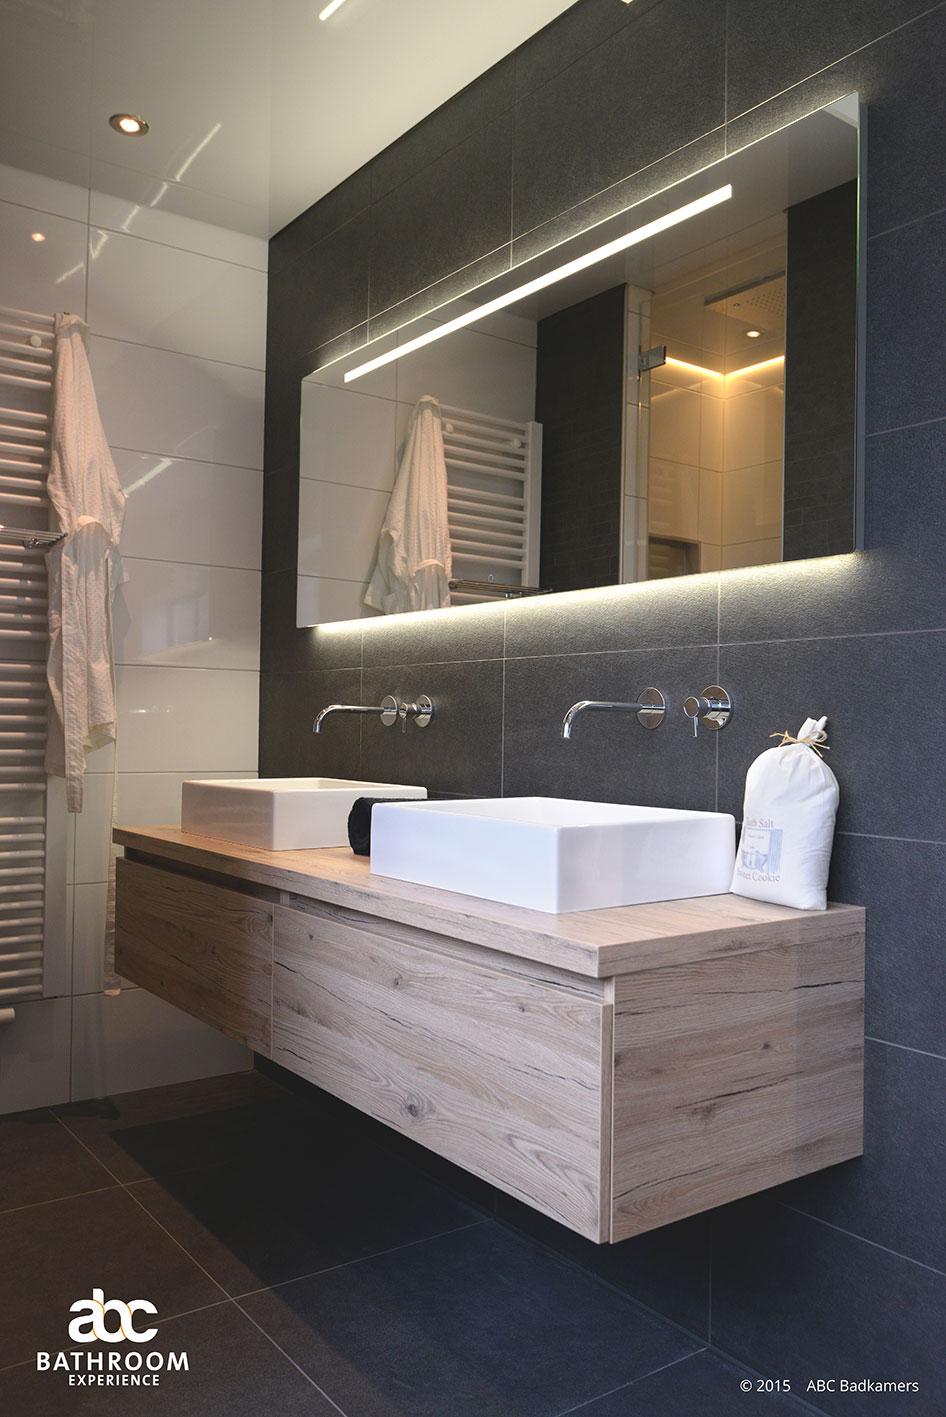 badkamer » badkamers open zondag - galerij foto's van binnenlandse, Badkamer